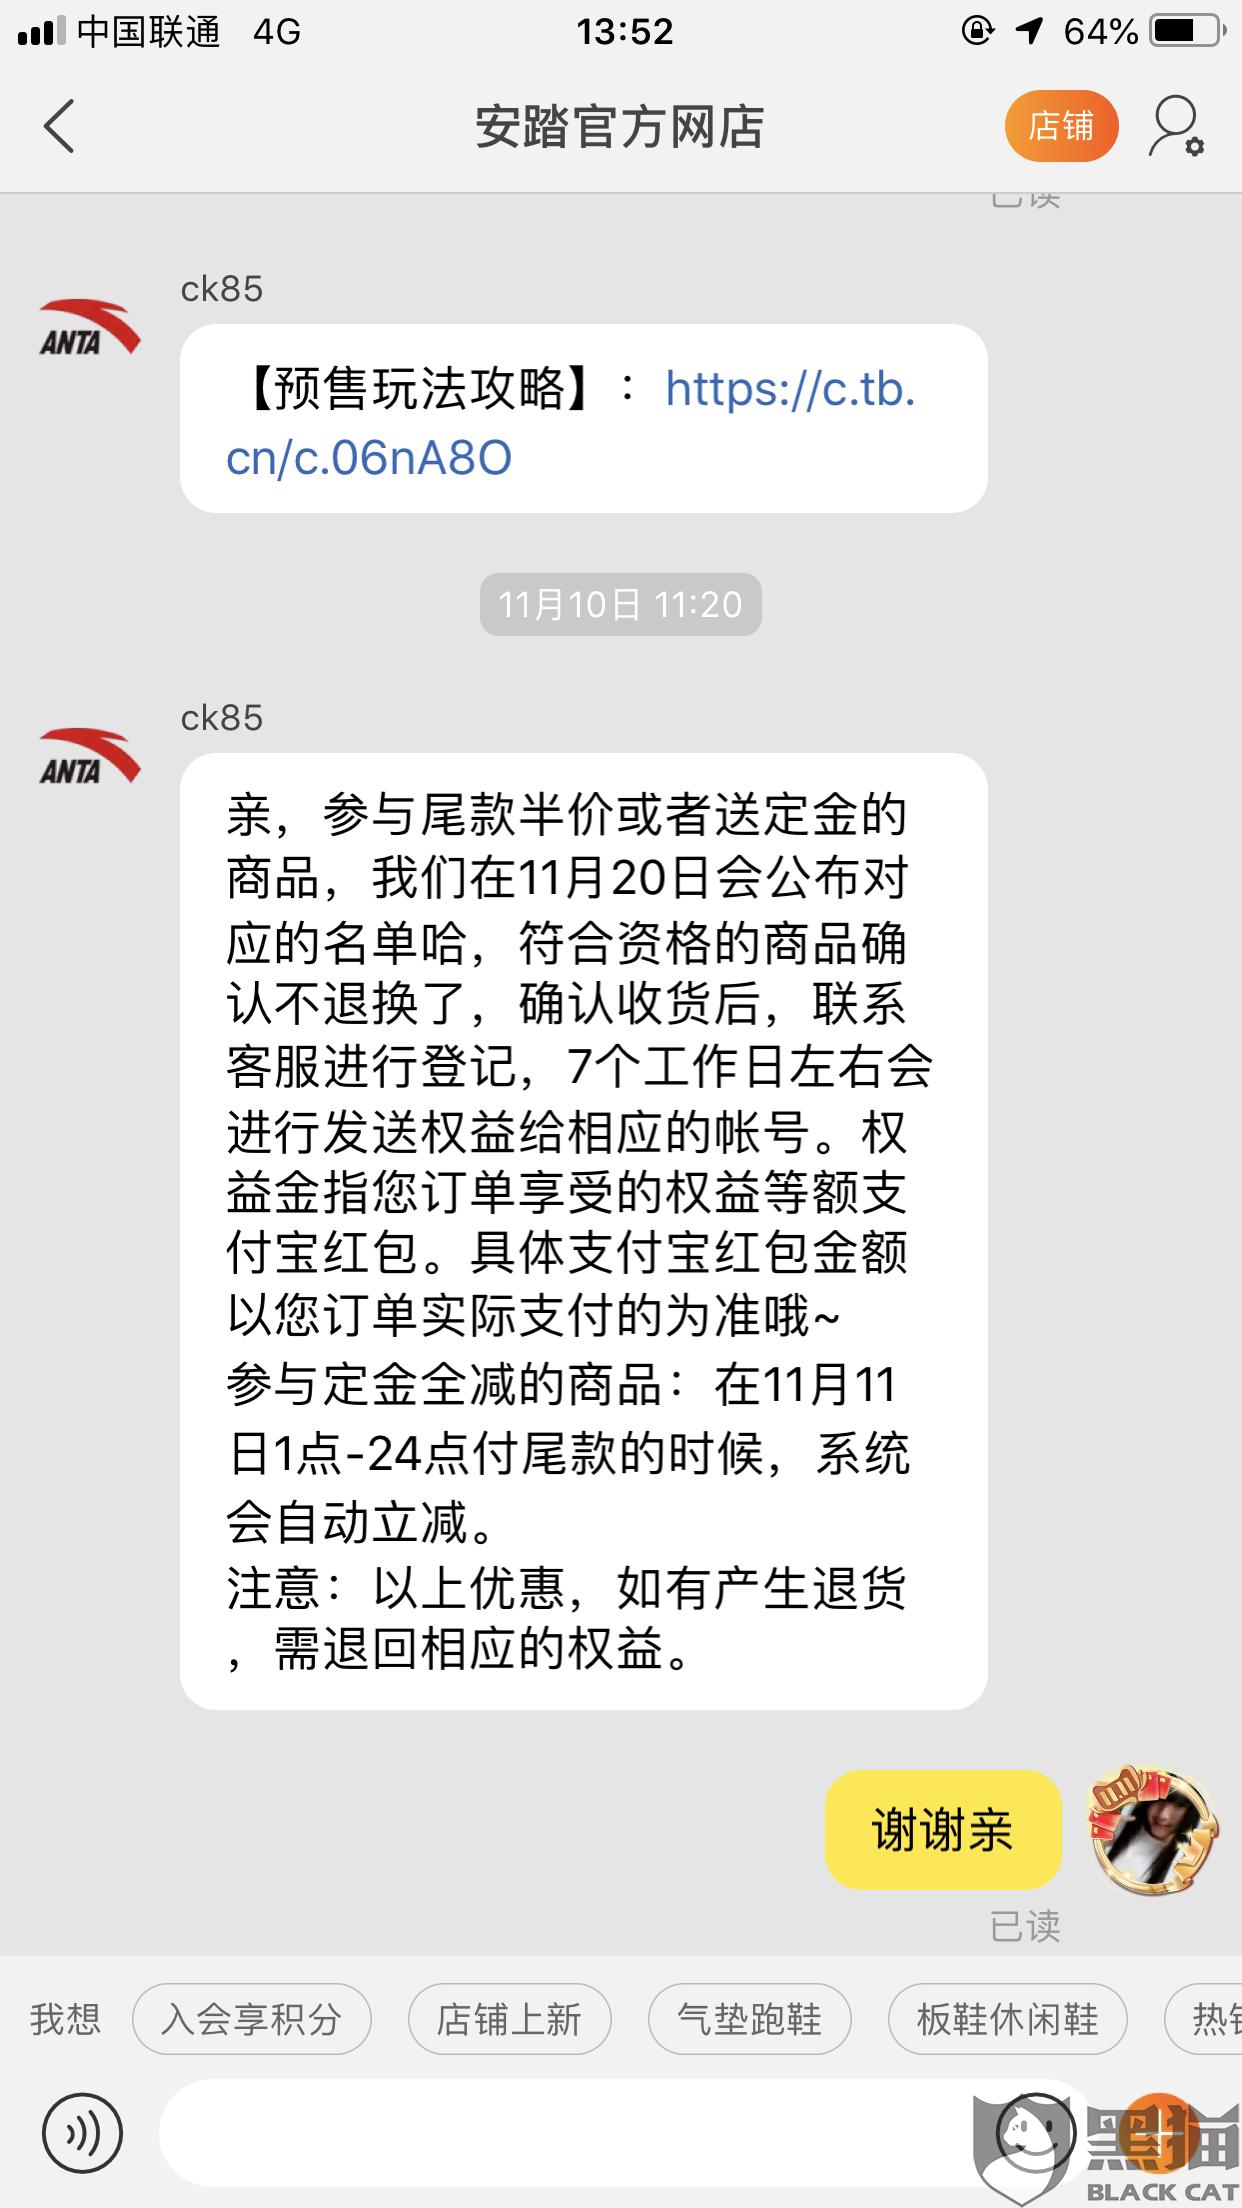 黑猫投诉:天猫安踏官方网店欺骗客户,虚假宣传,违背承诺!